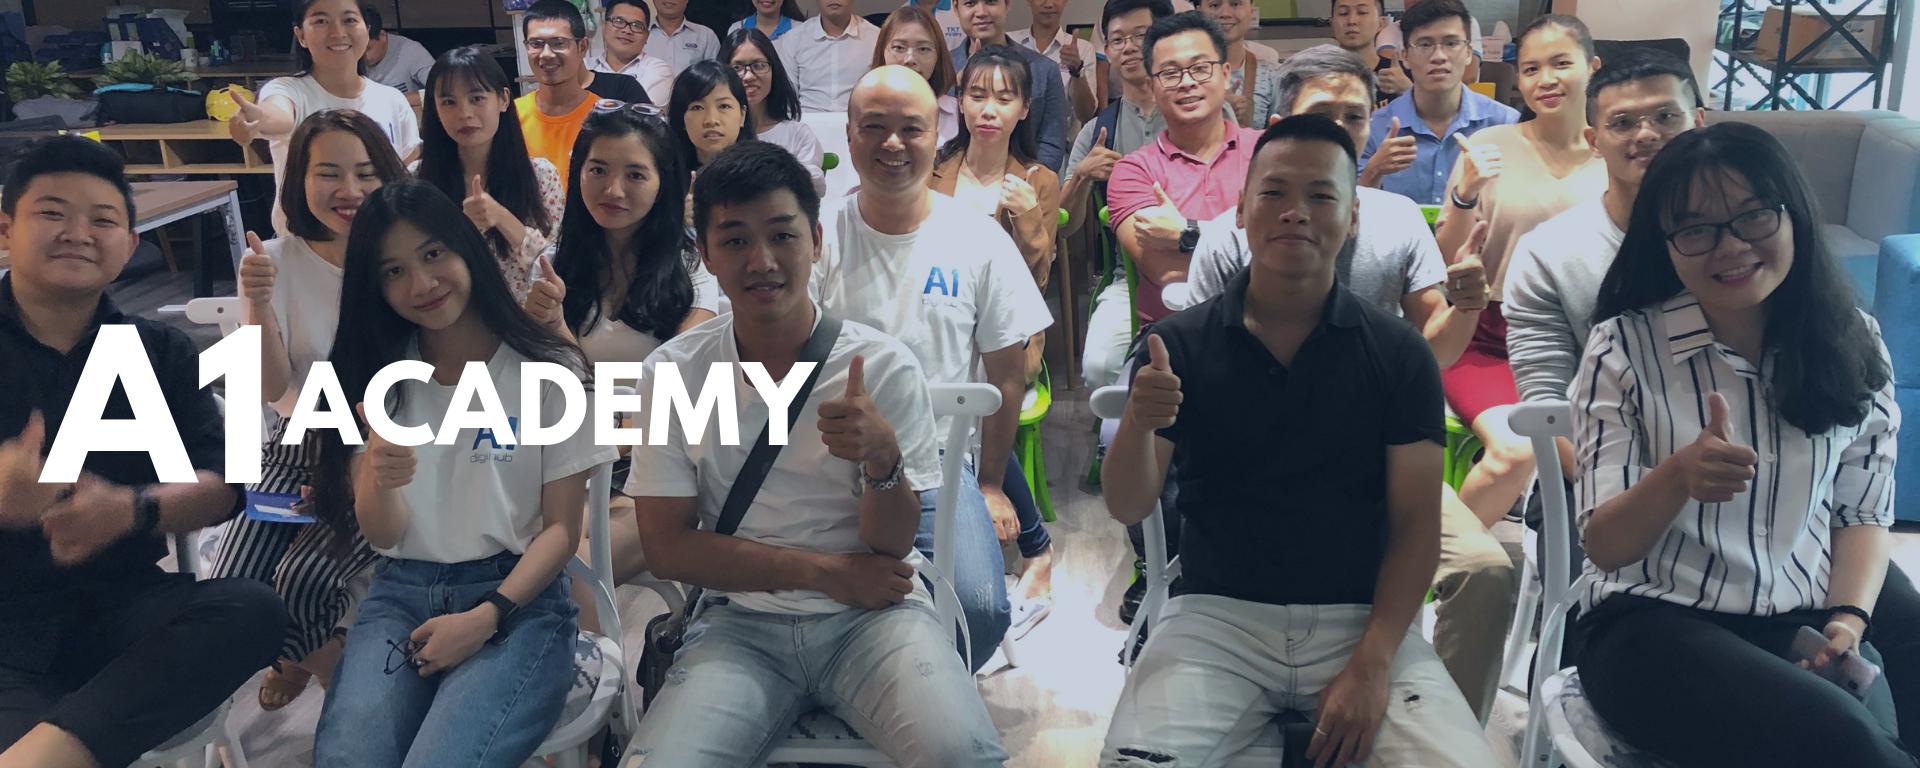 A1 Academy